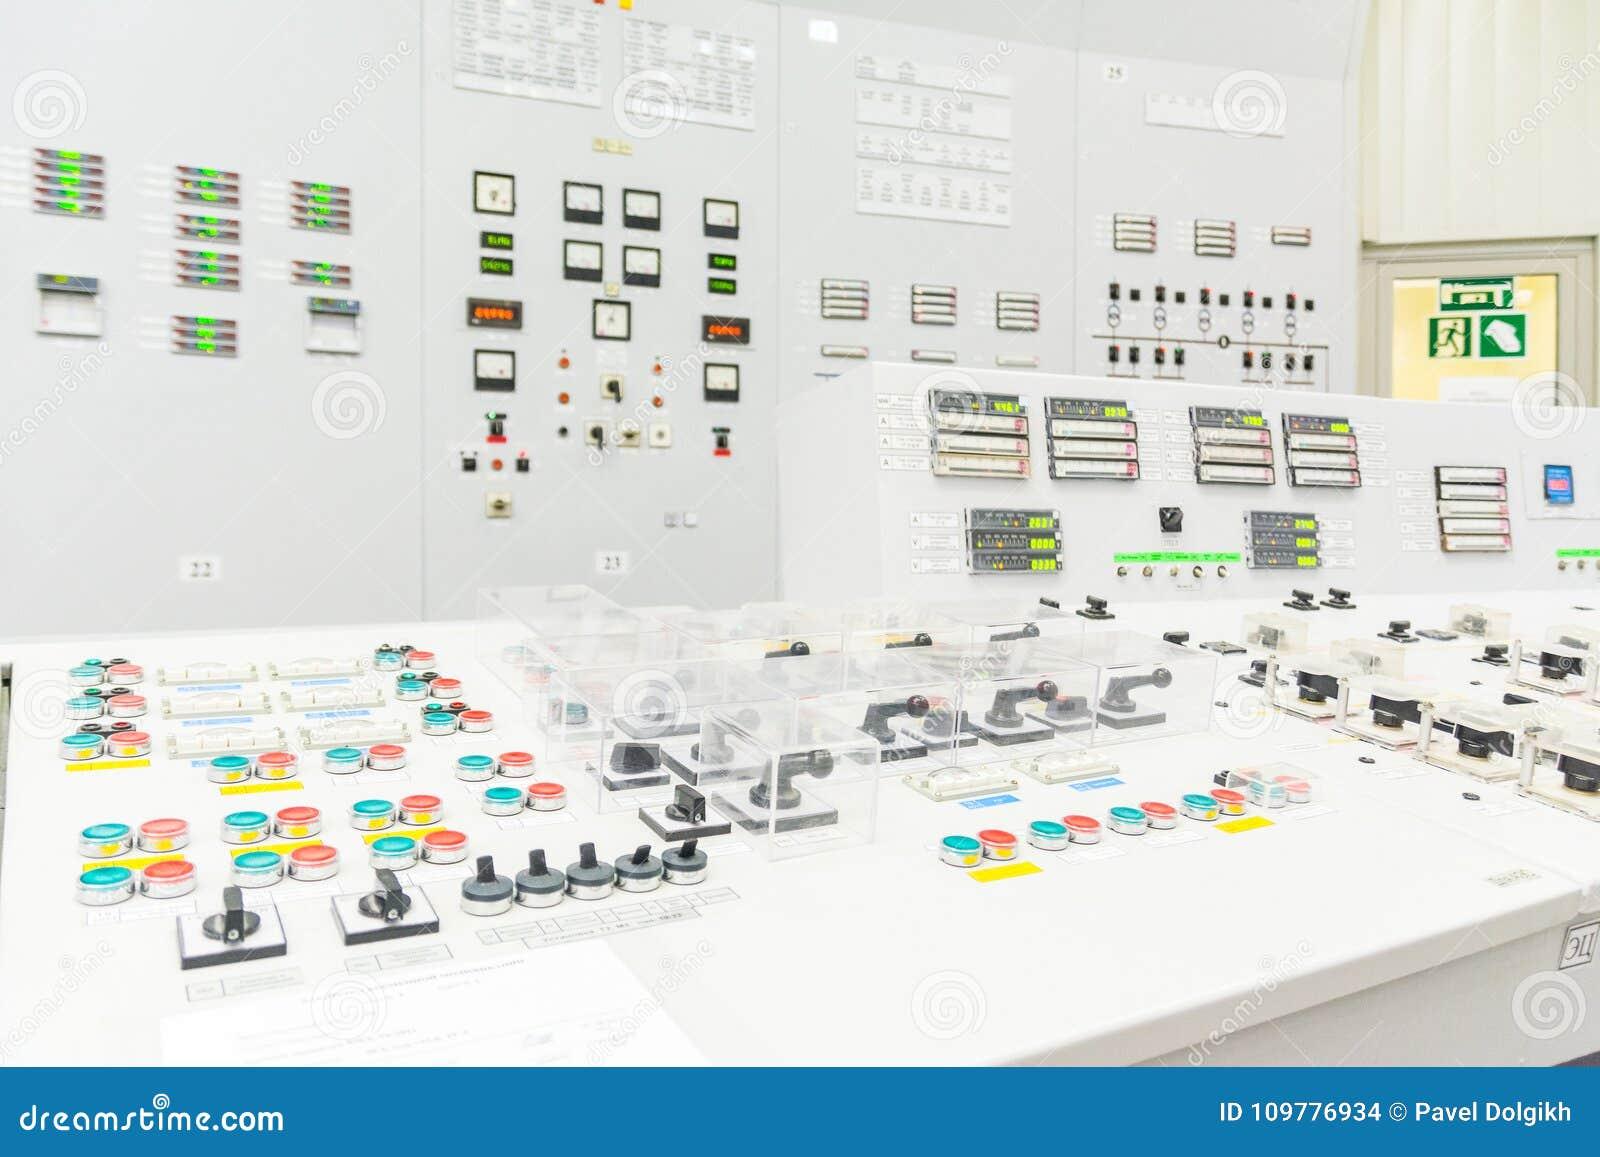 Bloquee el tablero de control del reactor de central nuclear